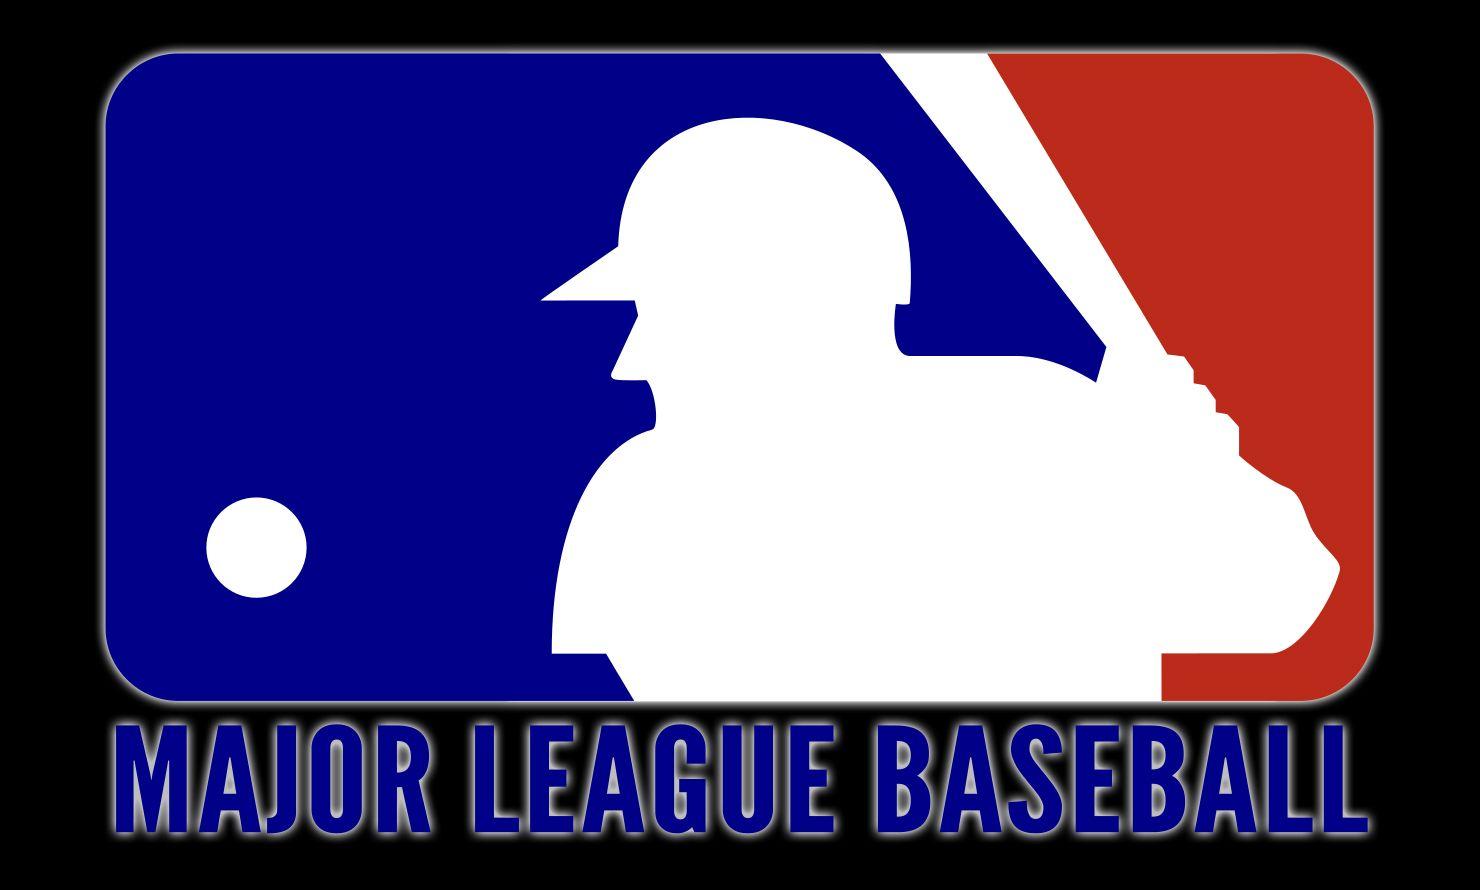 Mlb Symbol Major League Baseball Logo Major League Baseball Mlb Logos